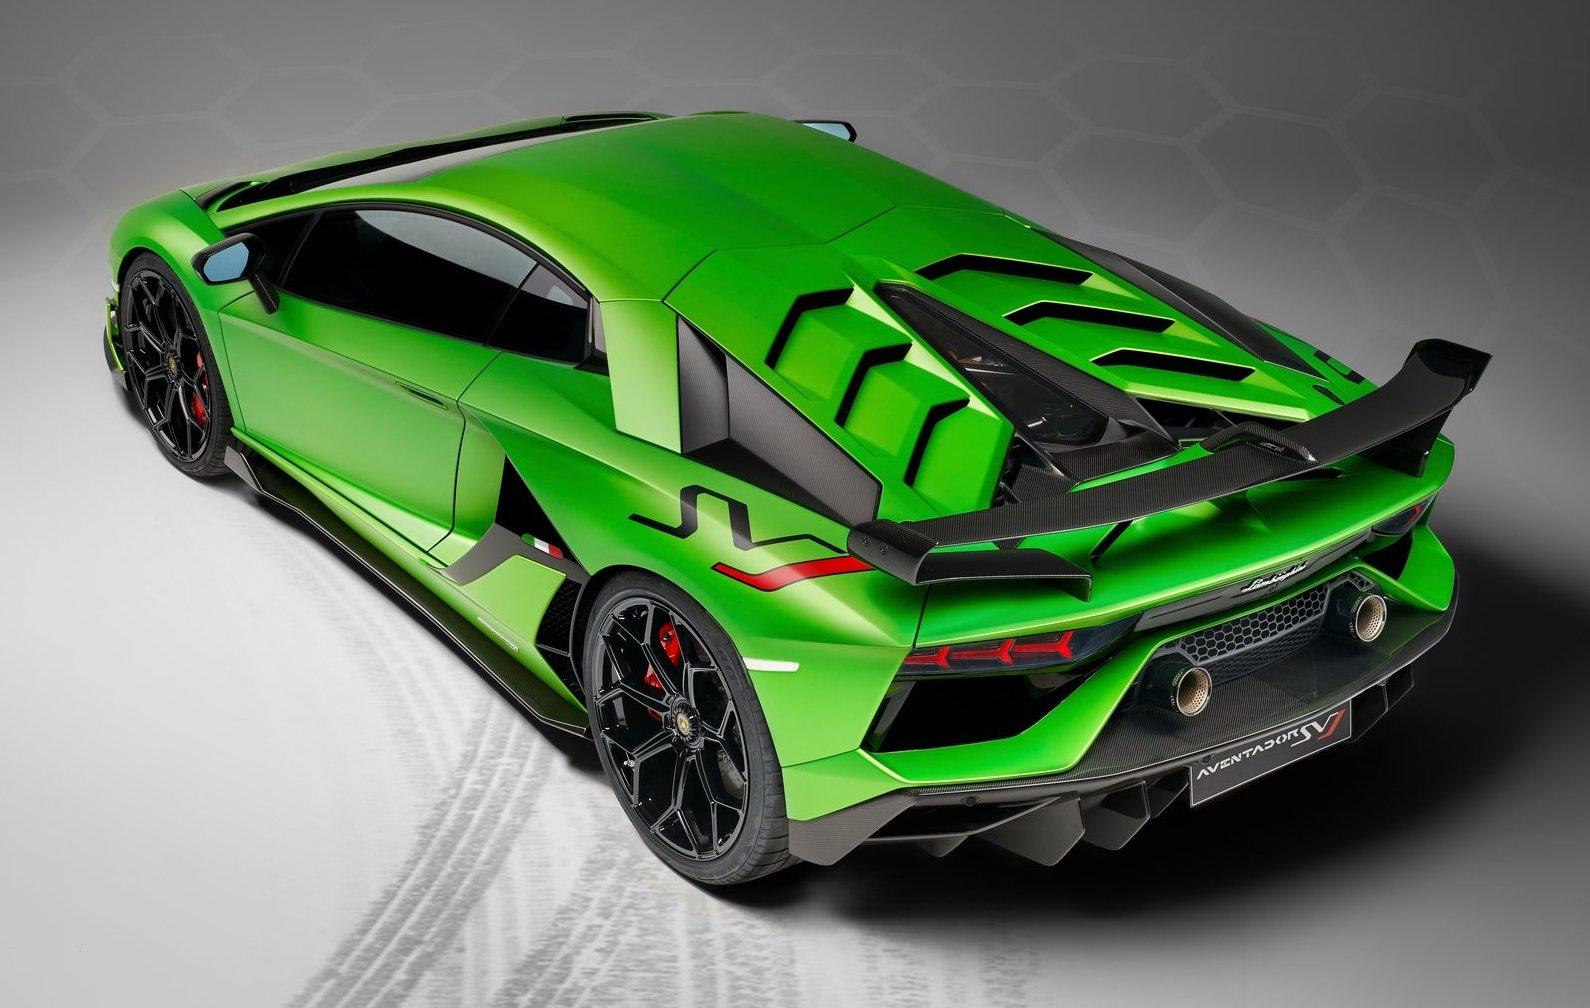 Lamborghini Aventador Svj Priced From 949 640 In Australia